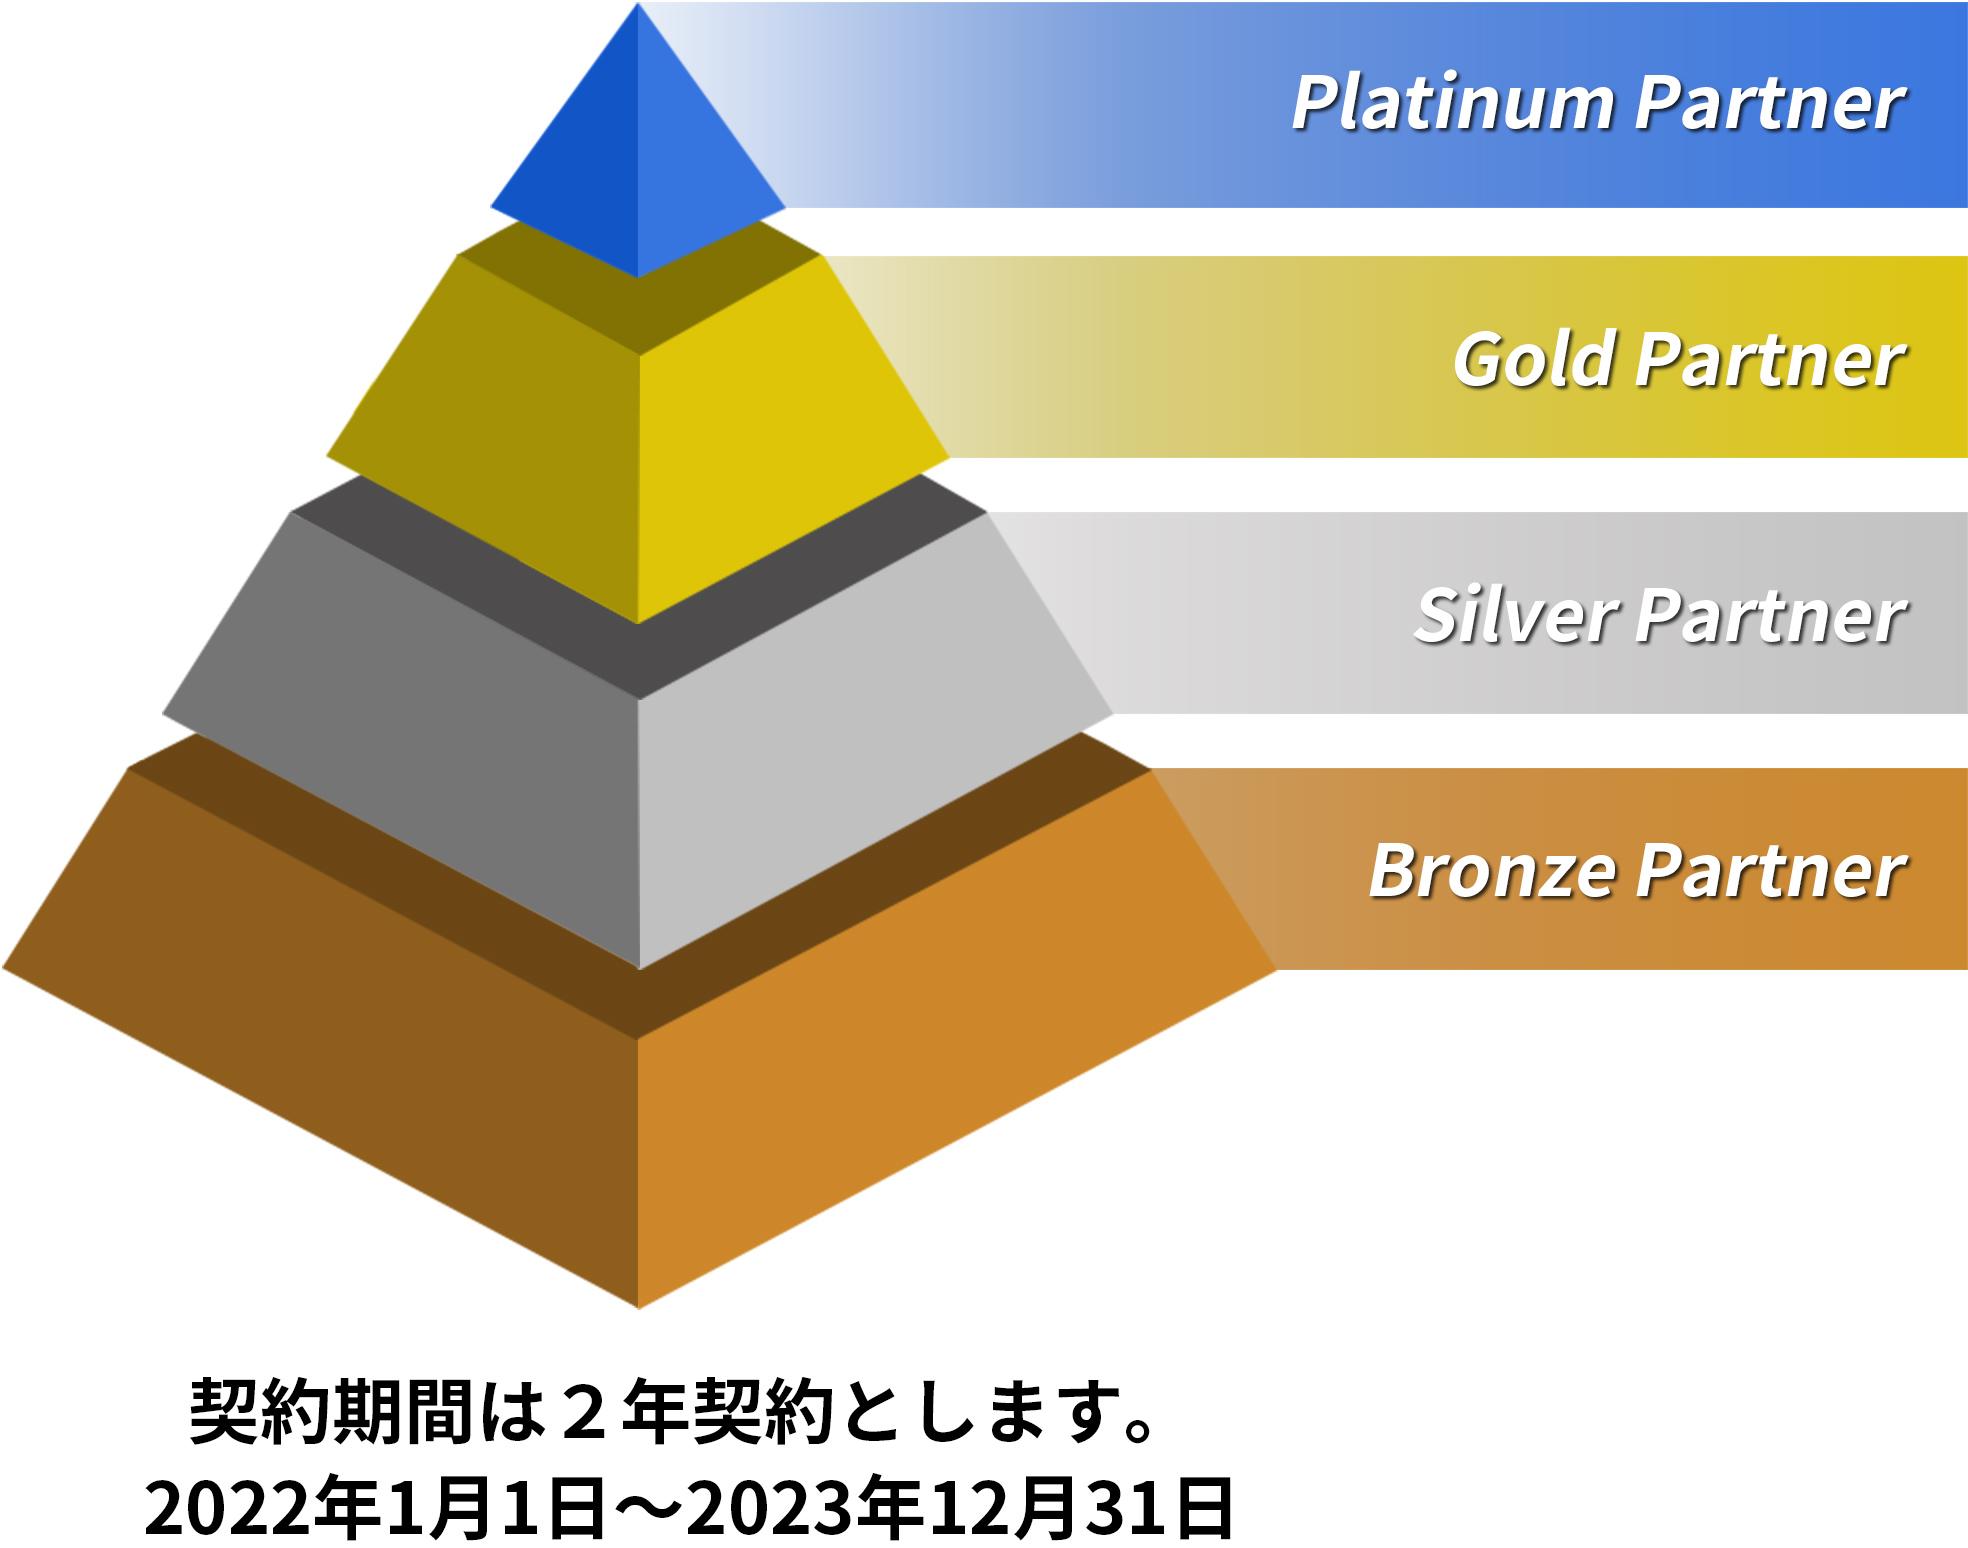 ⼀般社団法⼈レプロ東京のパートナーカテゴリー